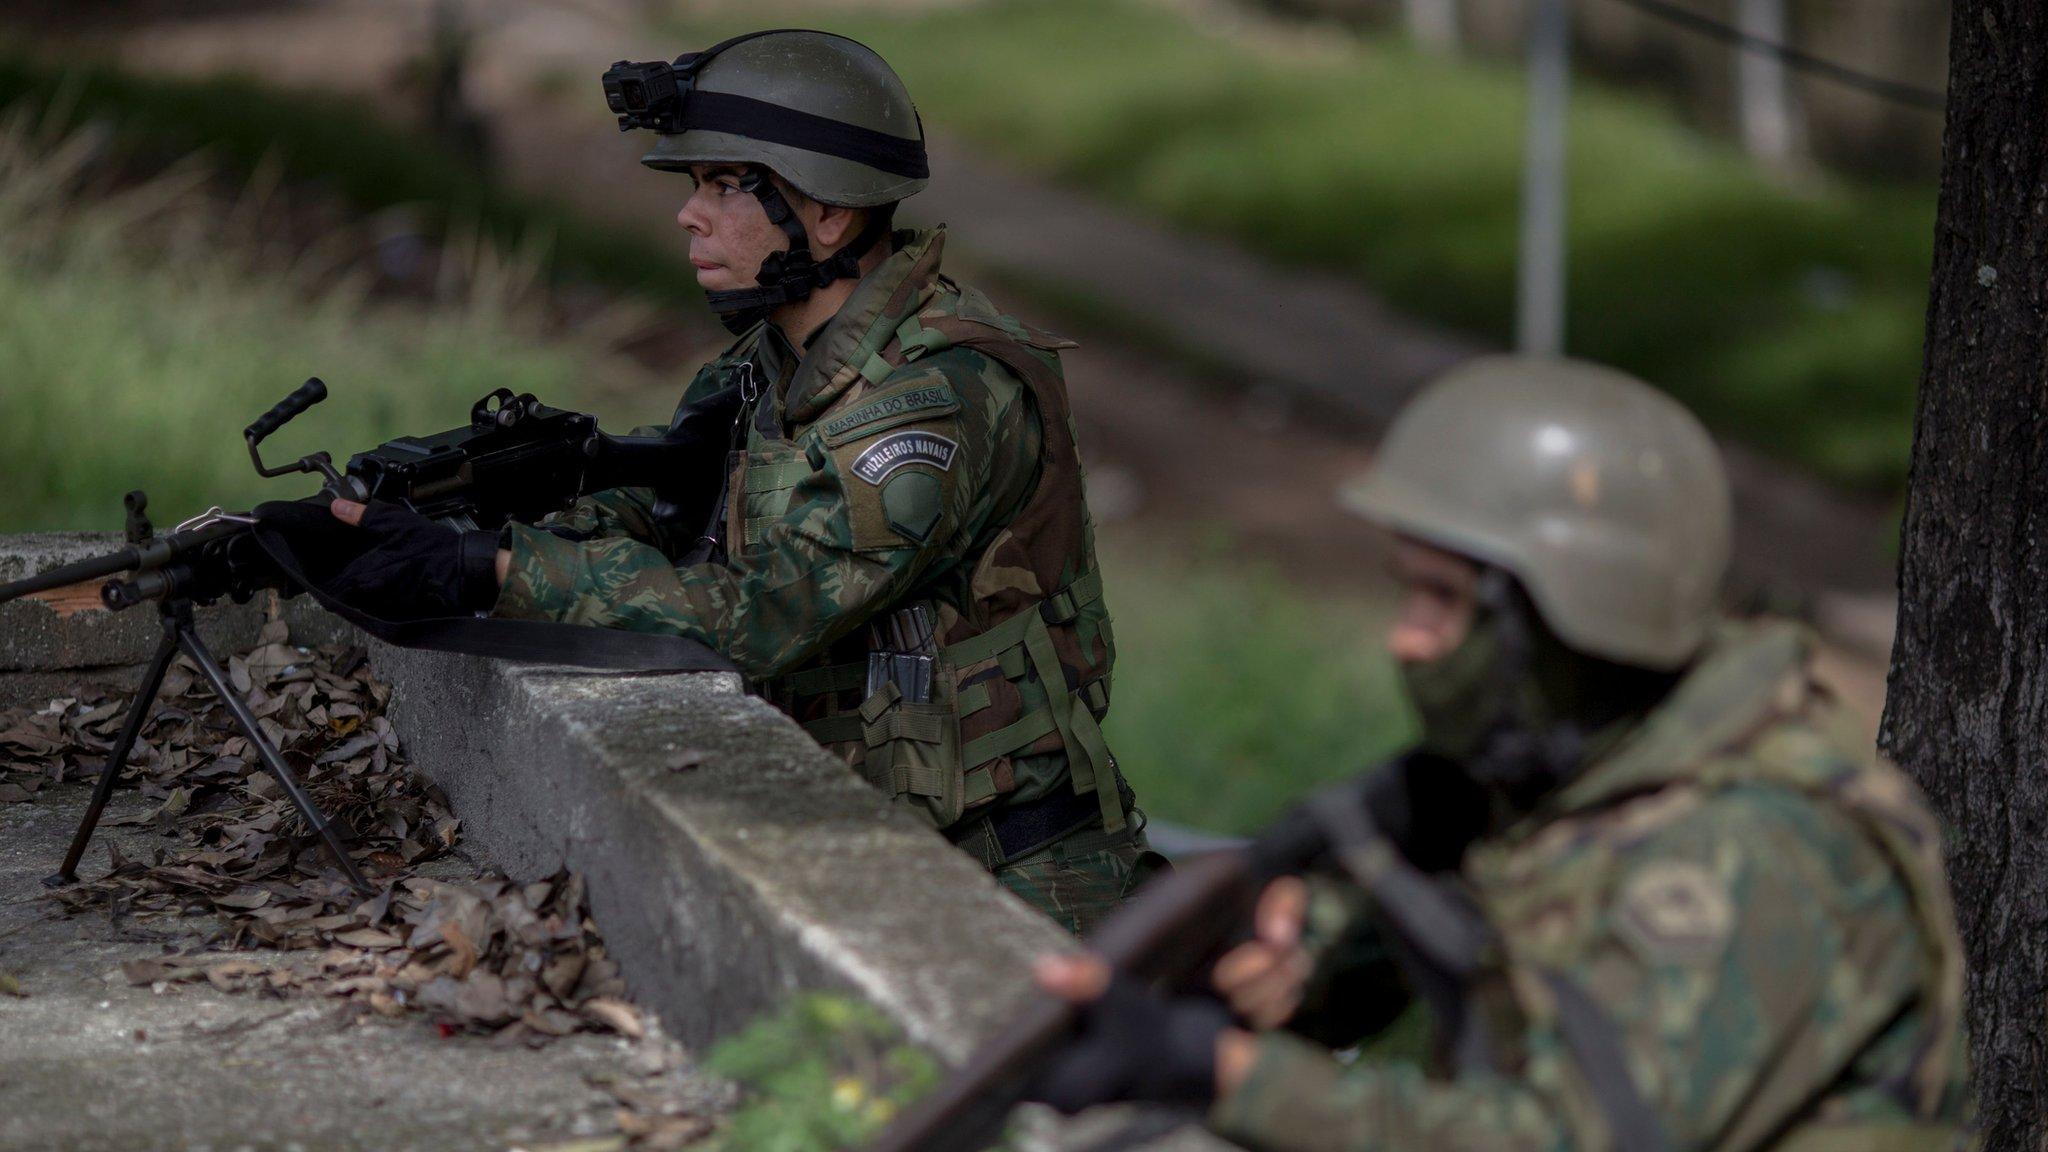 الجيش البرازيلي يتولى مهام حفظ الأمن في شوارع ريو دي جانيرو